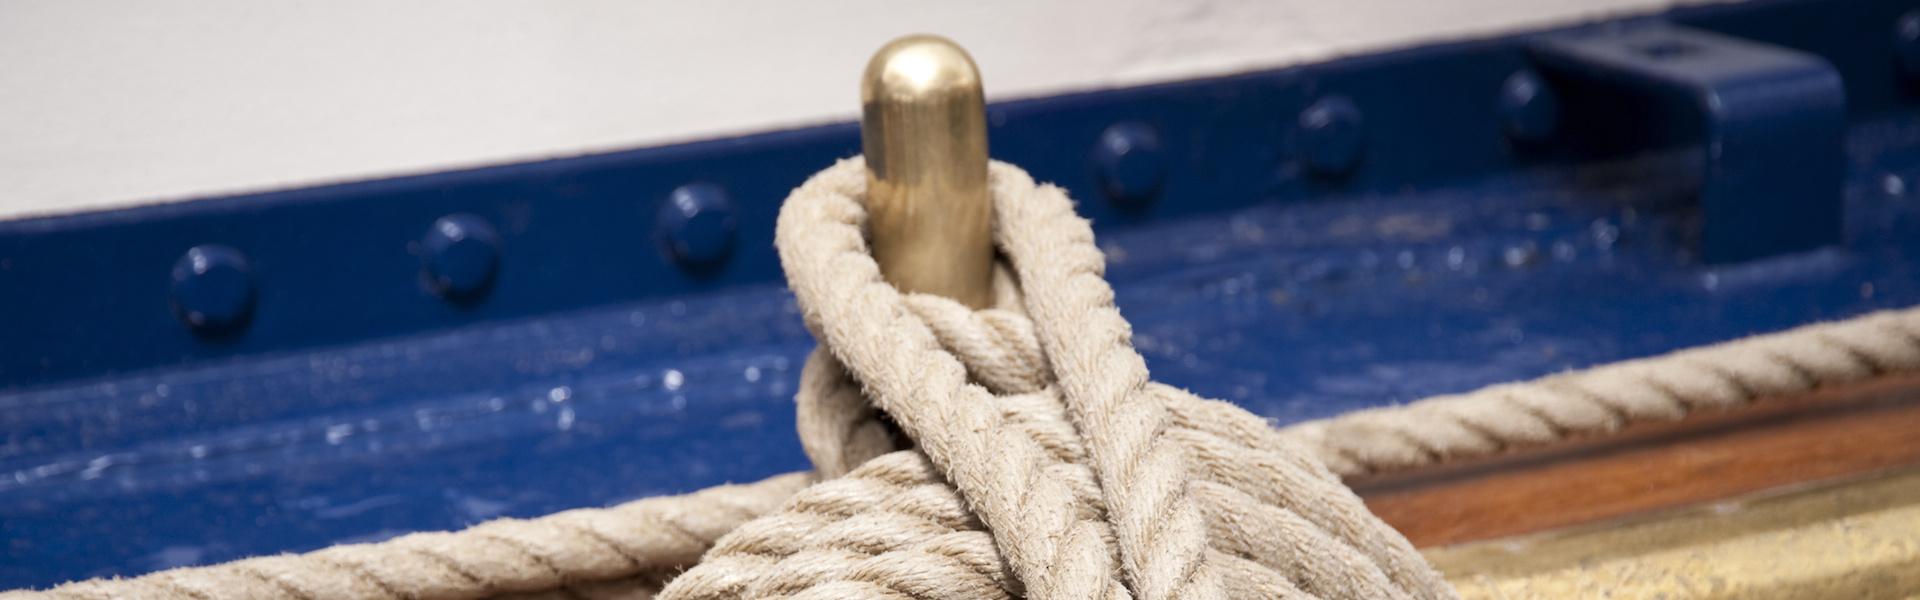 Корабно въже (снимка)